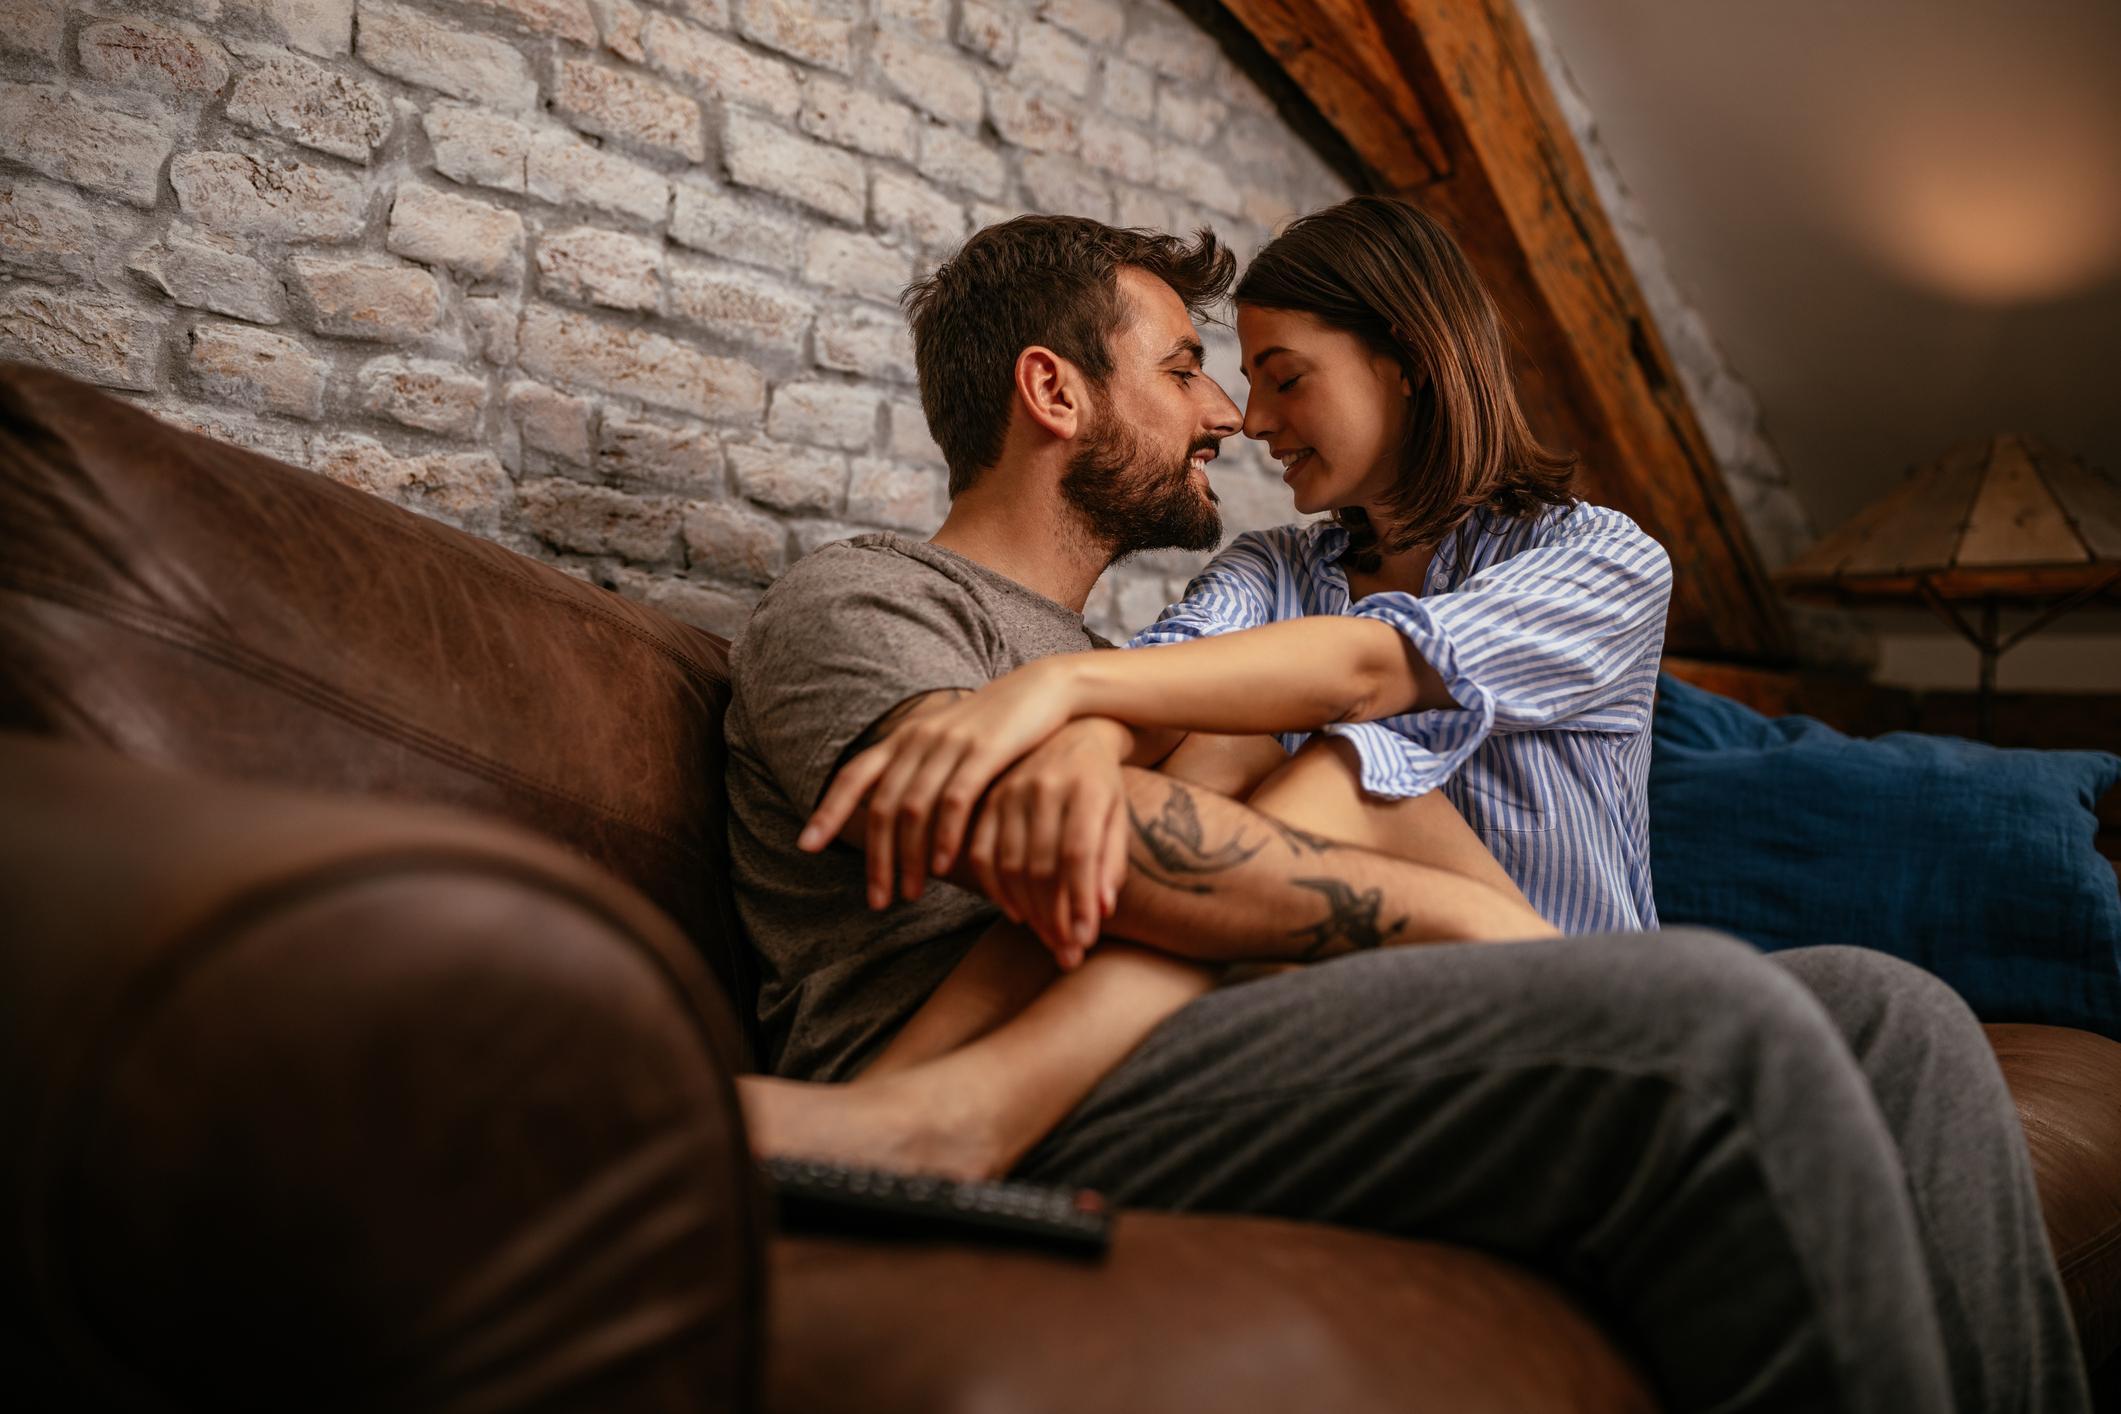 Ljubav i partnerski odnos podrazumijevaju i obostrano poštovanje.